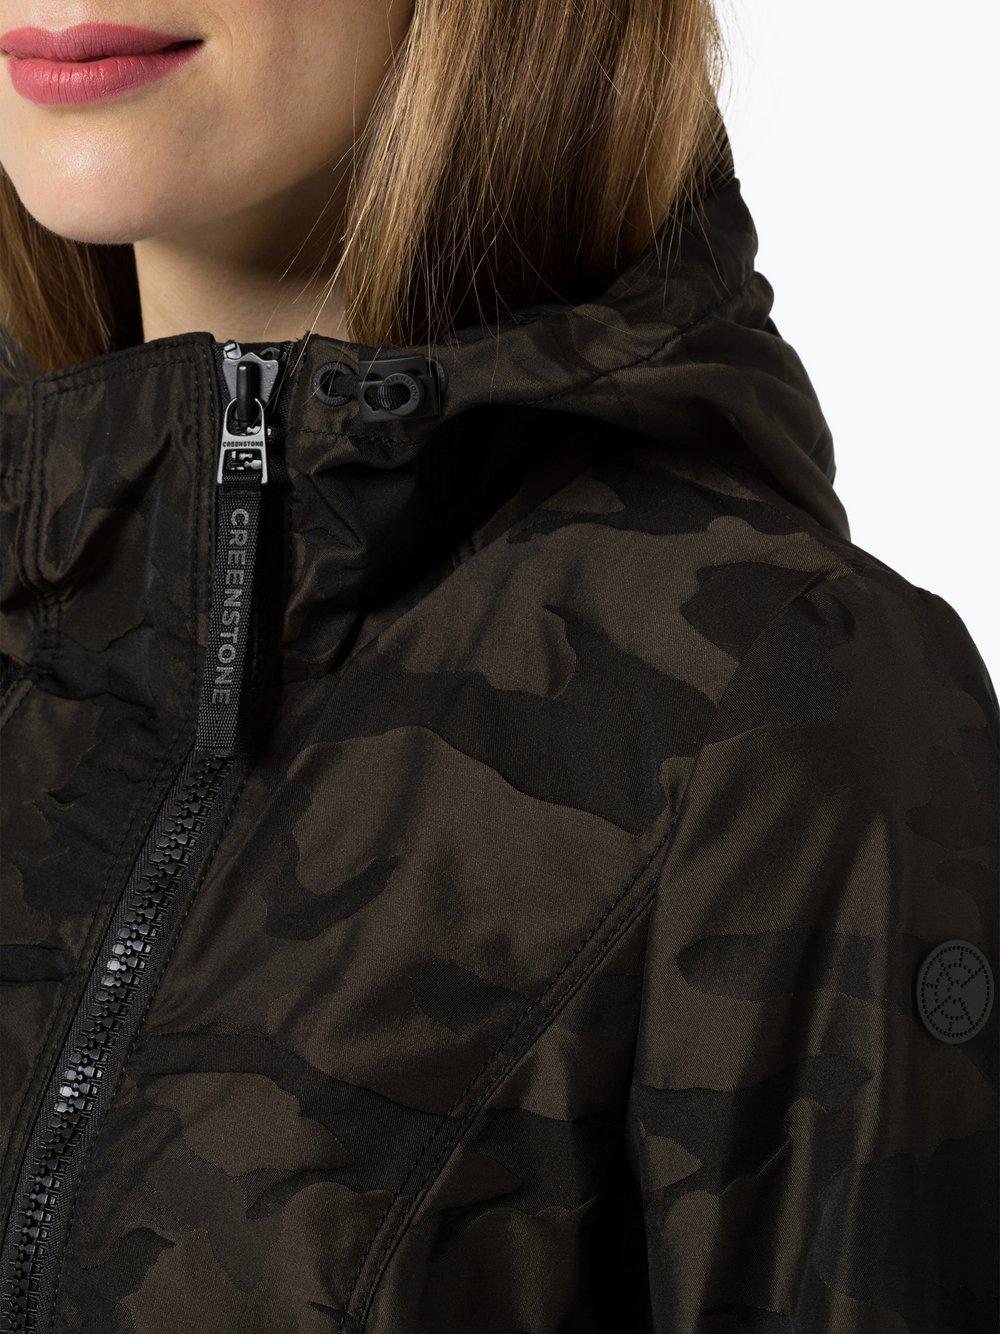 Creenstone Damen Jacke online kaufen | PEEK UND CLOPPENBURG.DE